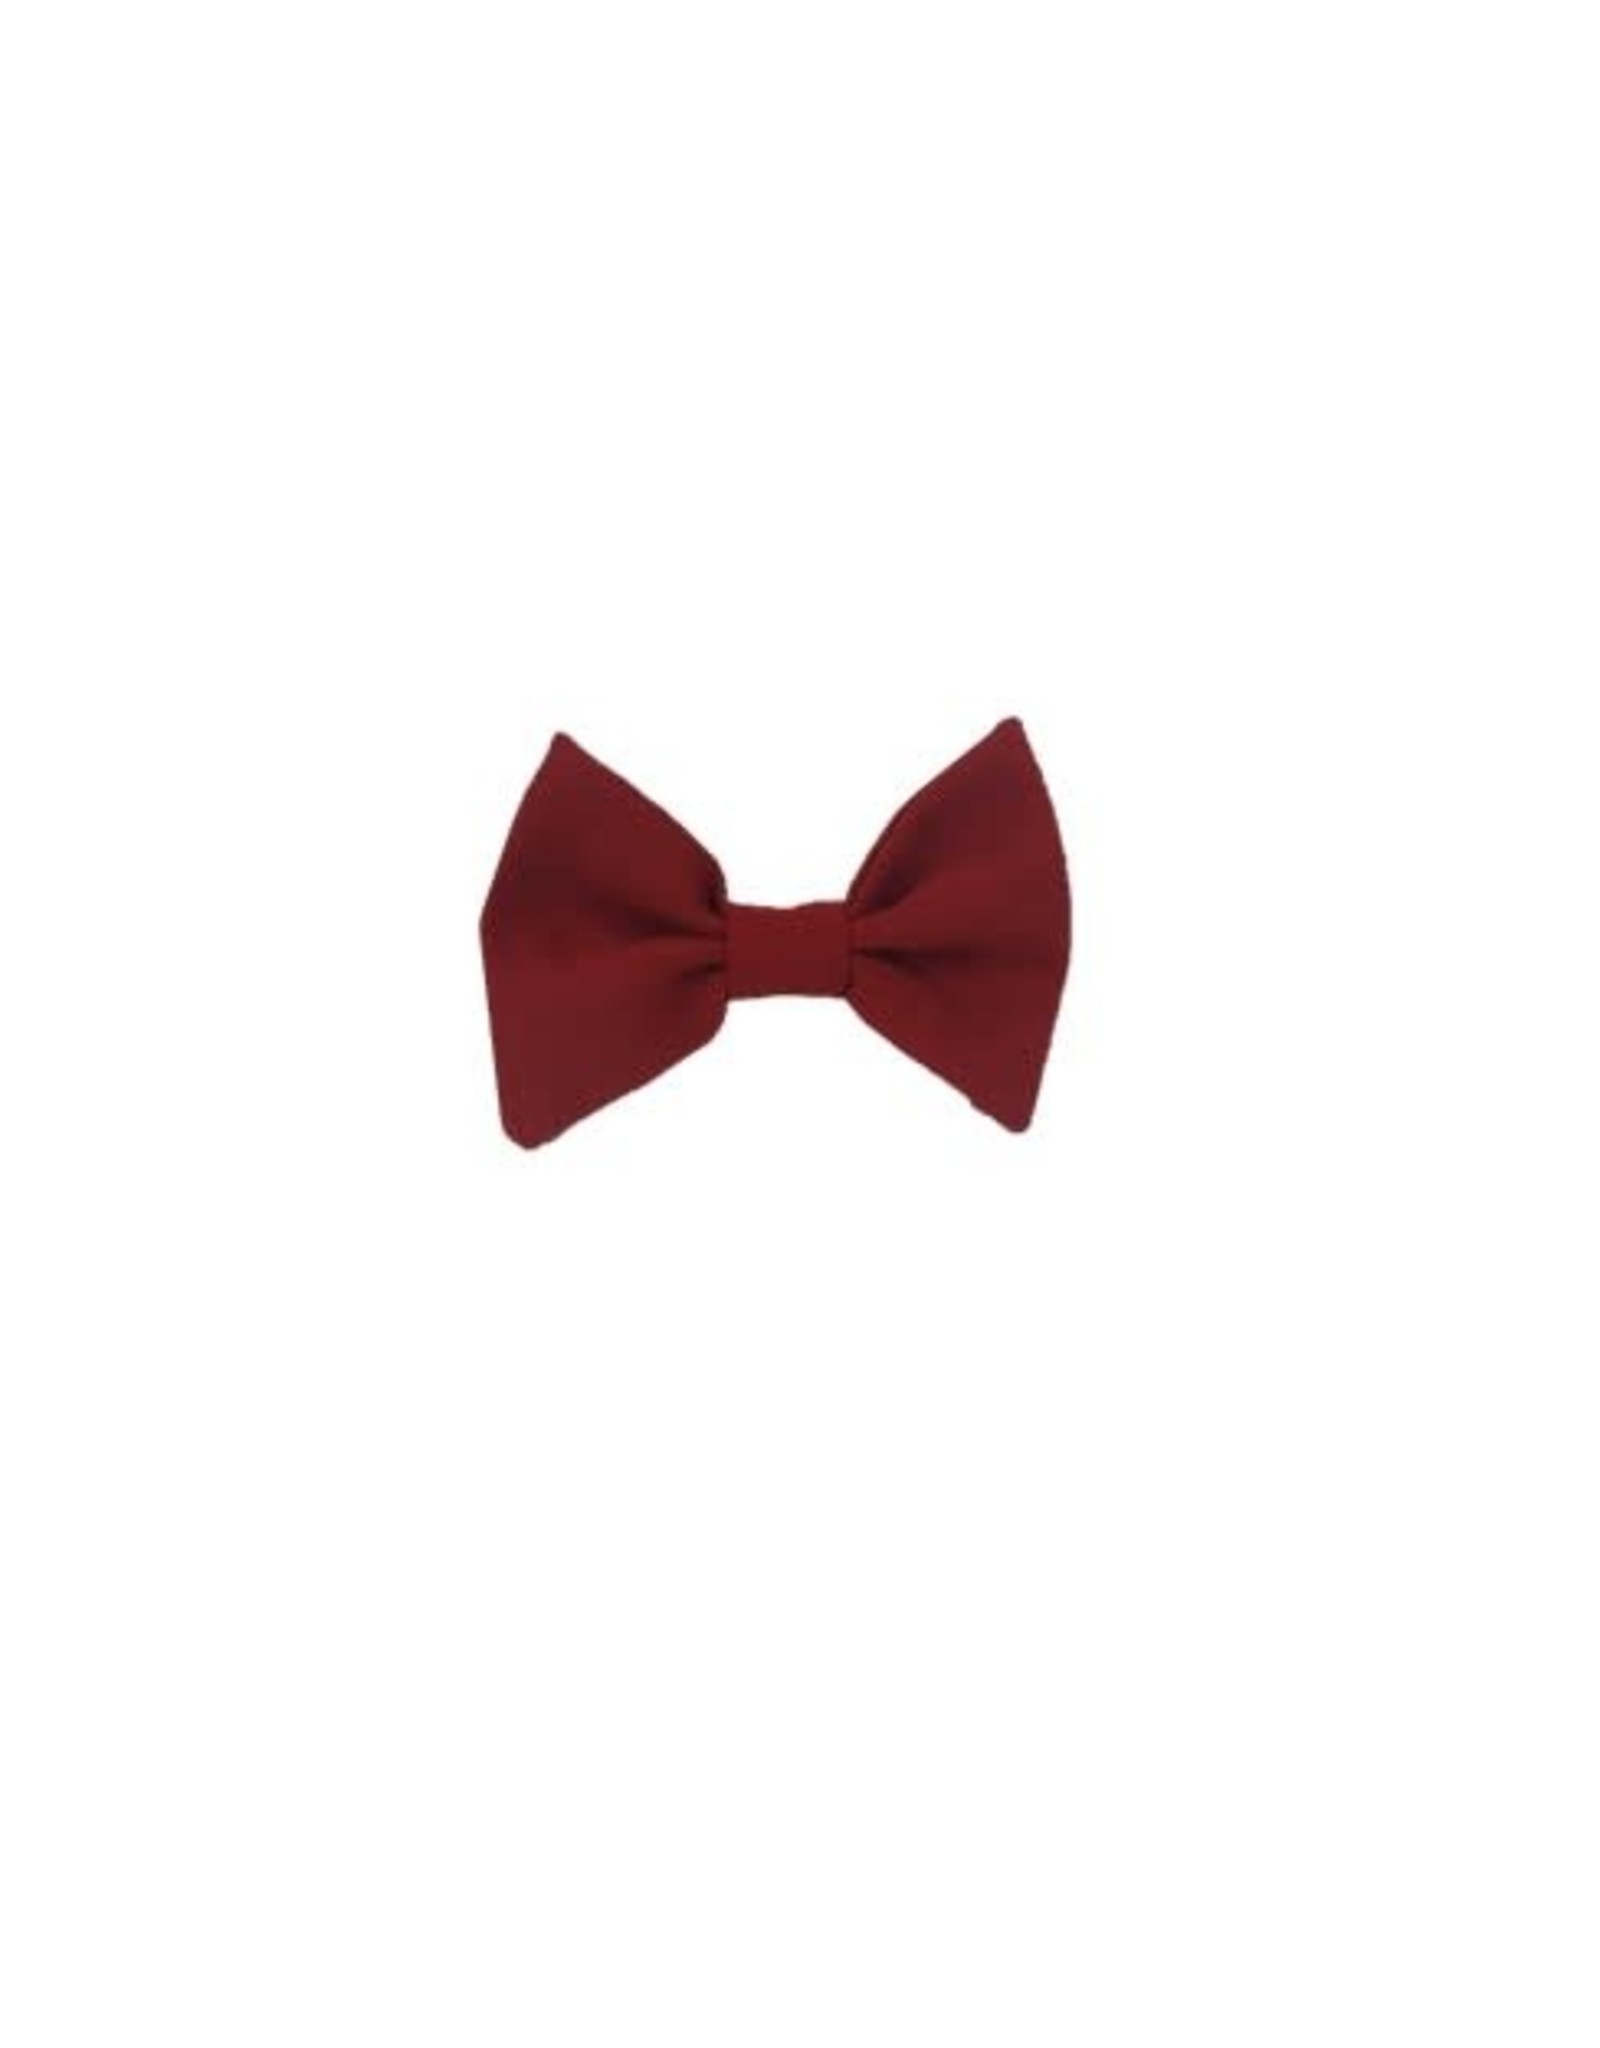 Karries Kostumes Handmade Bow Ties